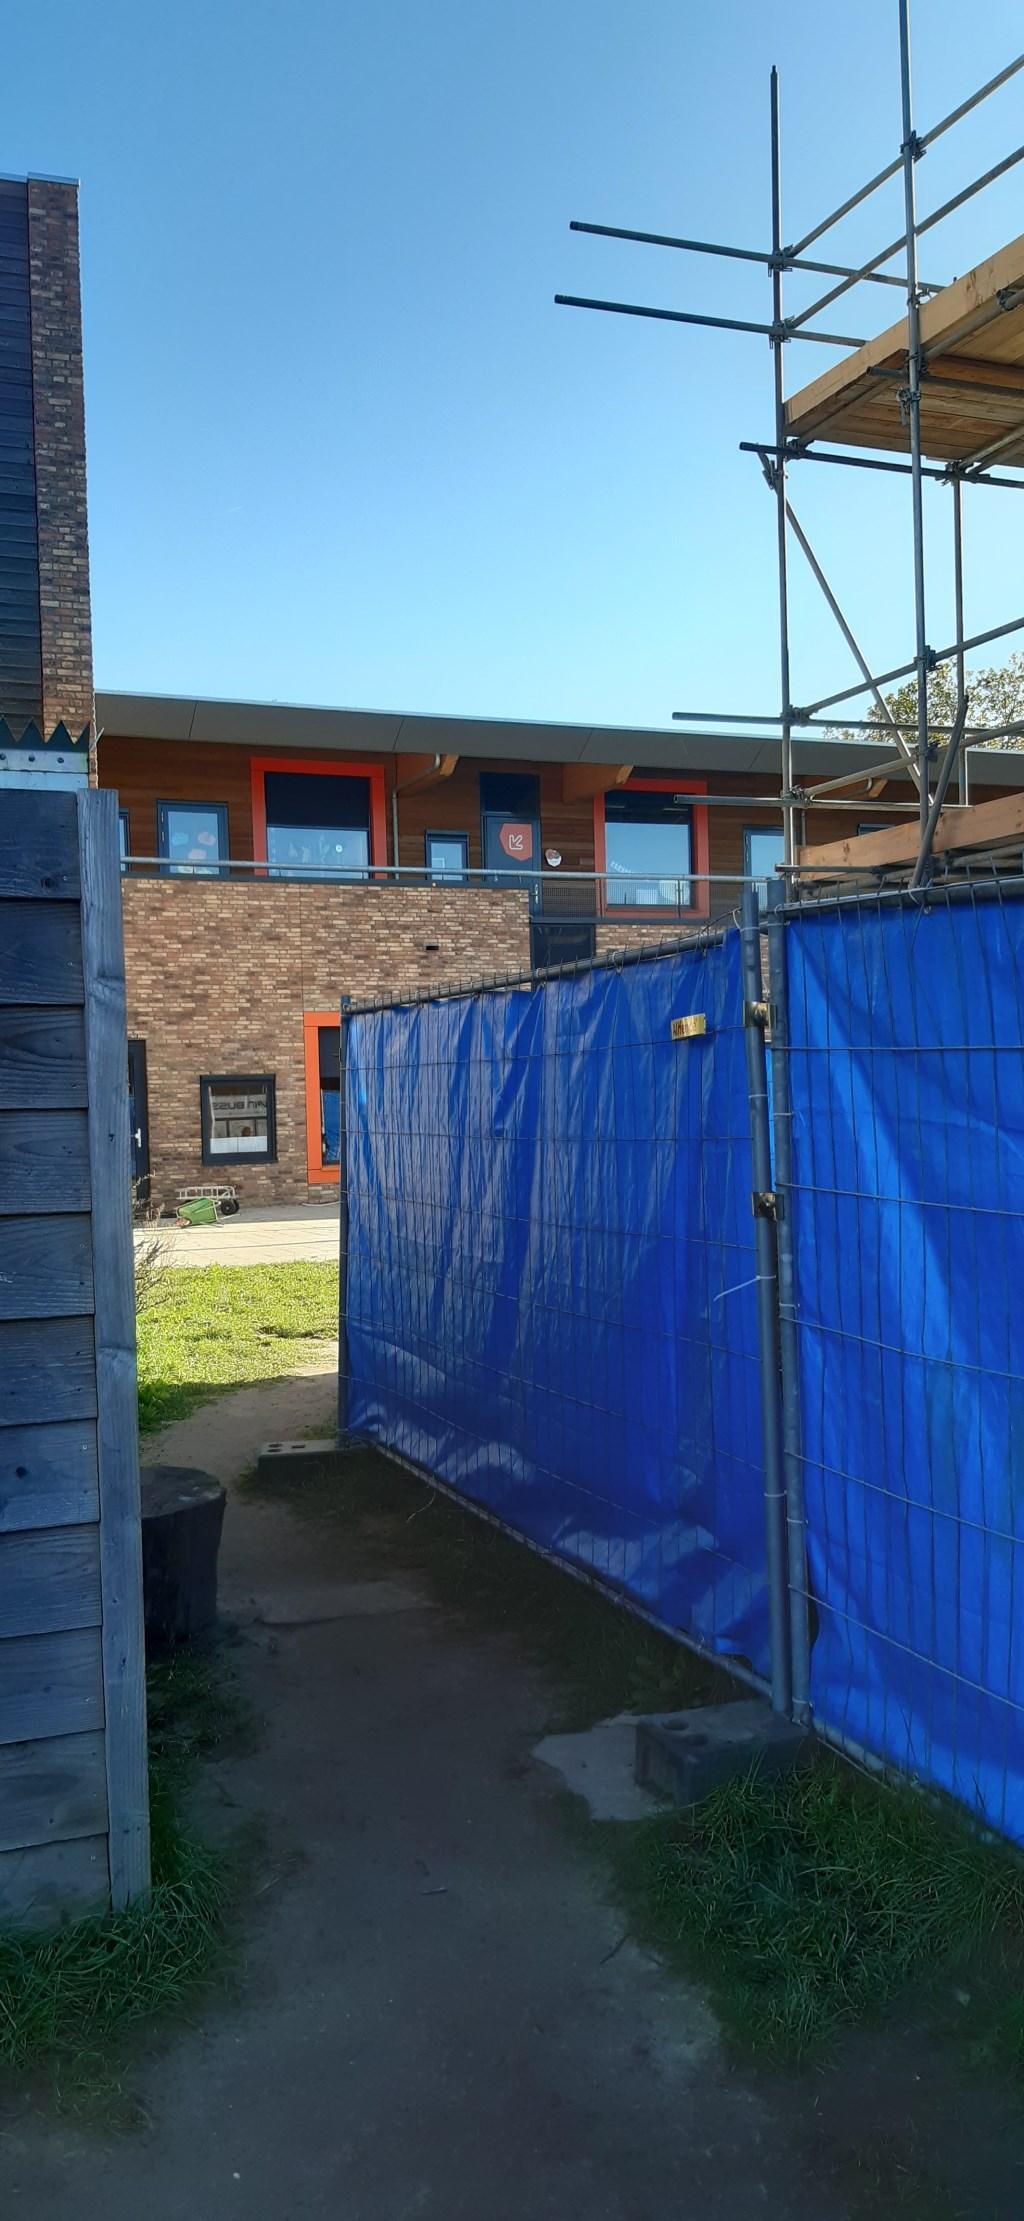 De ruimte tussen Woonzorgcentrum en Gezondheidscentrum vanaf speelplaats Camminghaschool Kuun Jenniskens © BDU media